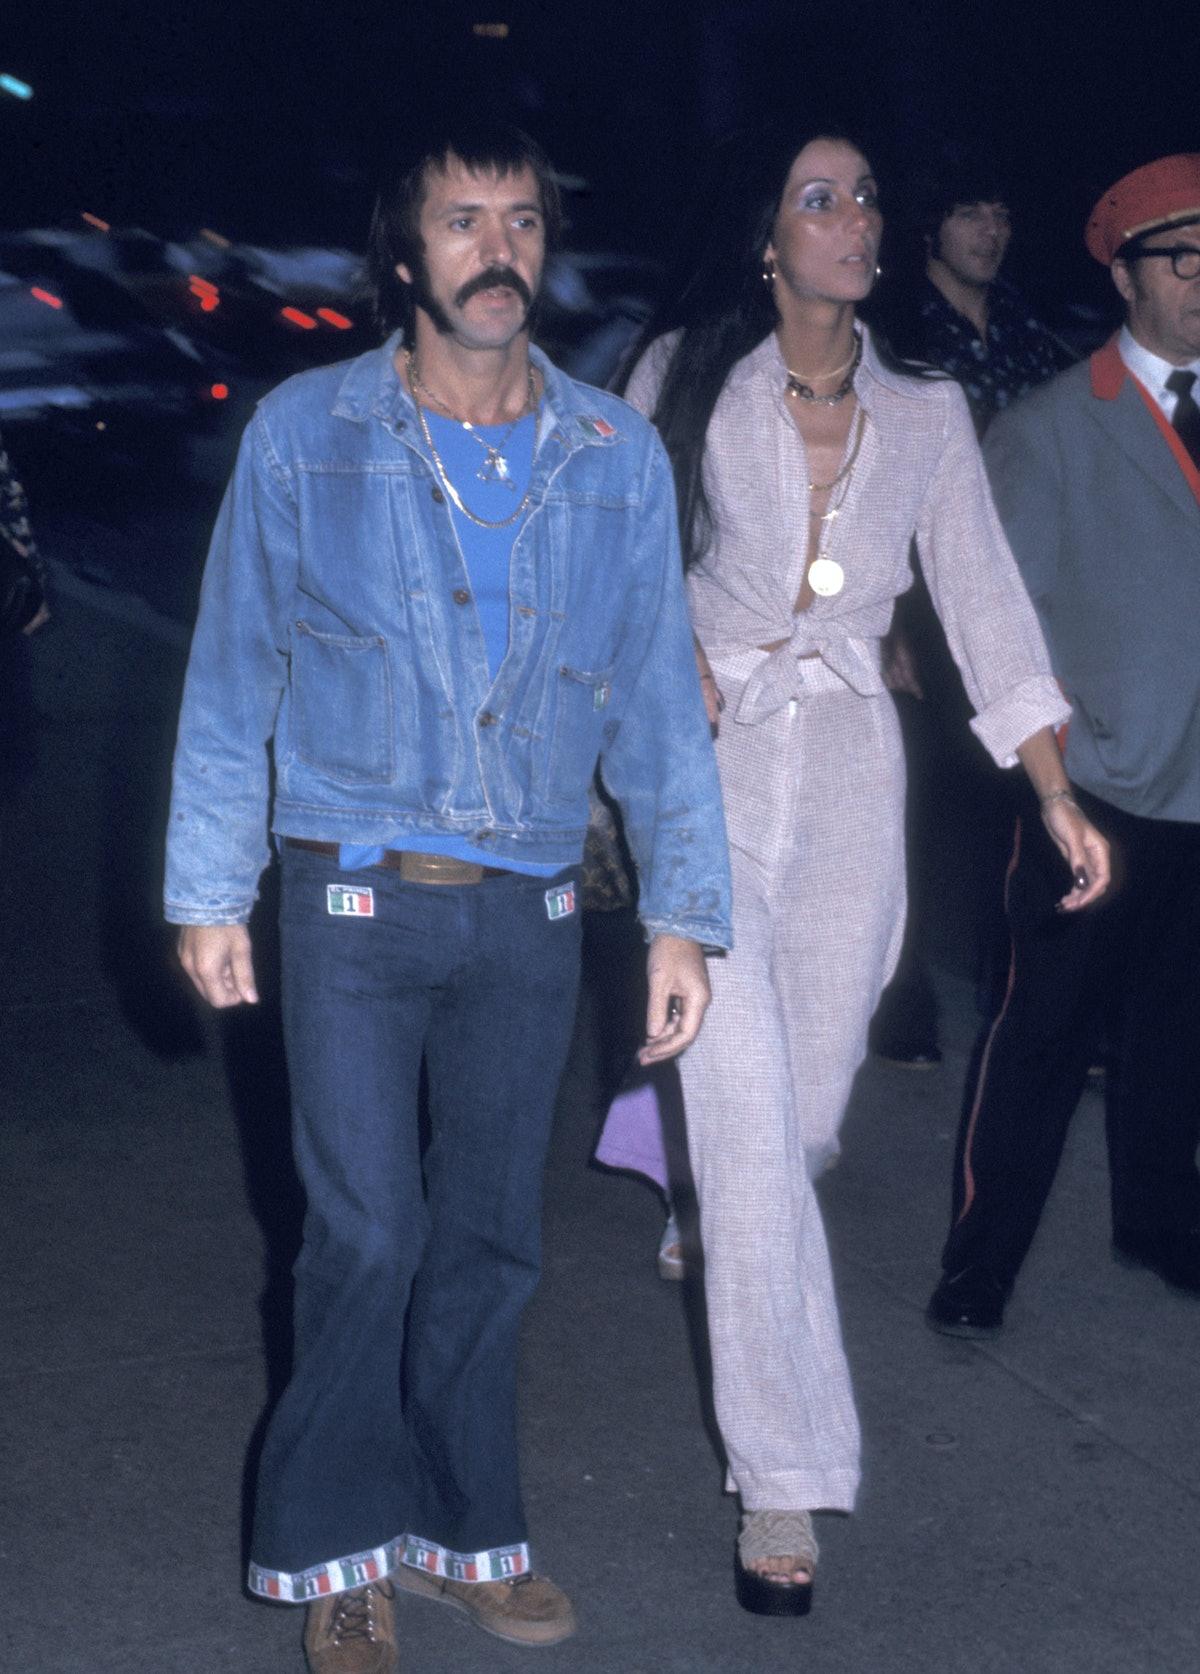 Sonny Bono, 1973.